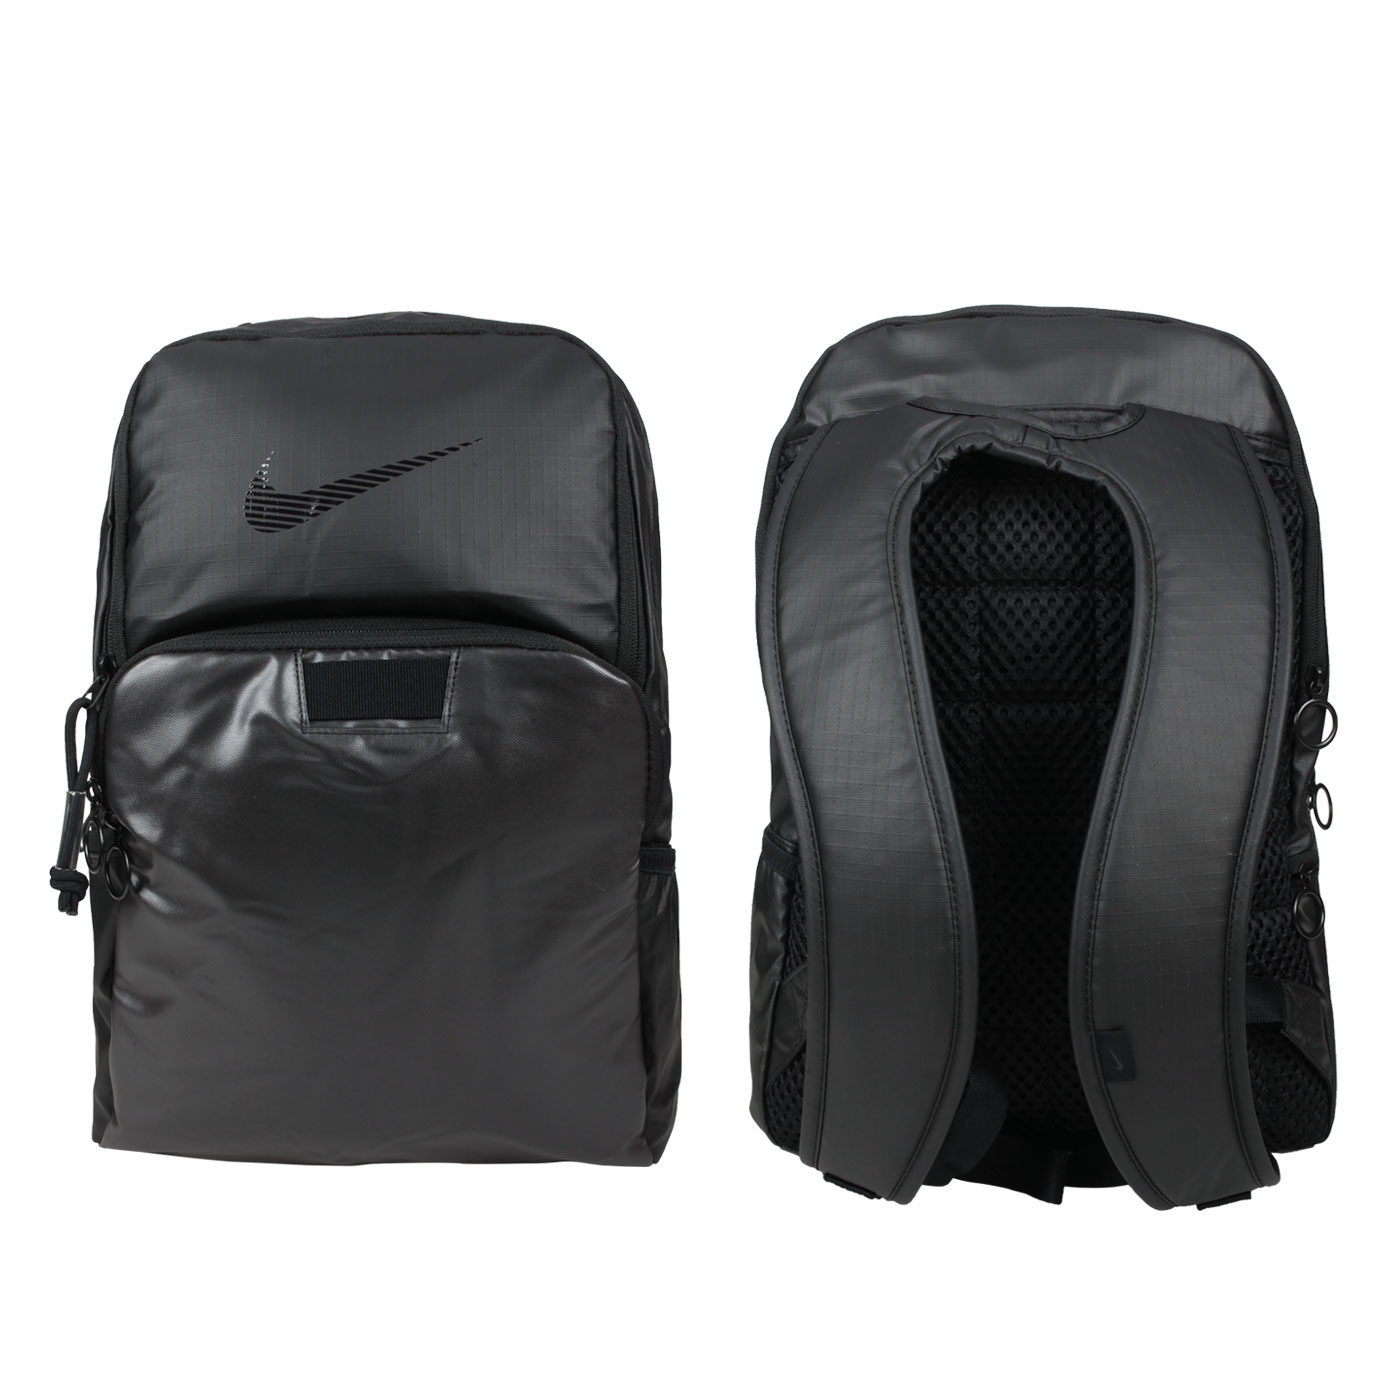 NIKE 大型後背包 DB4693-010 - 黑